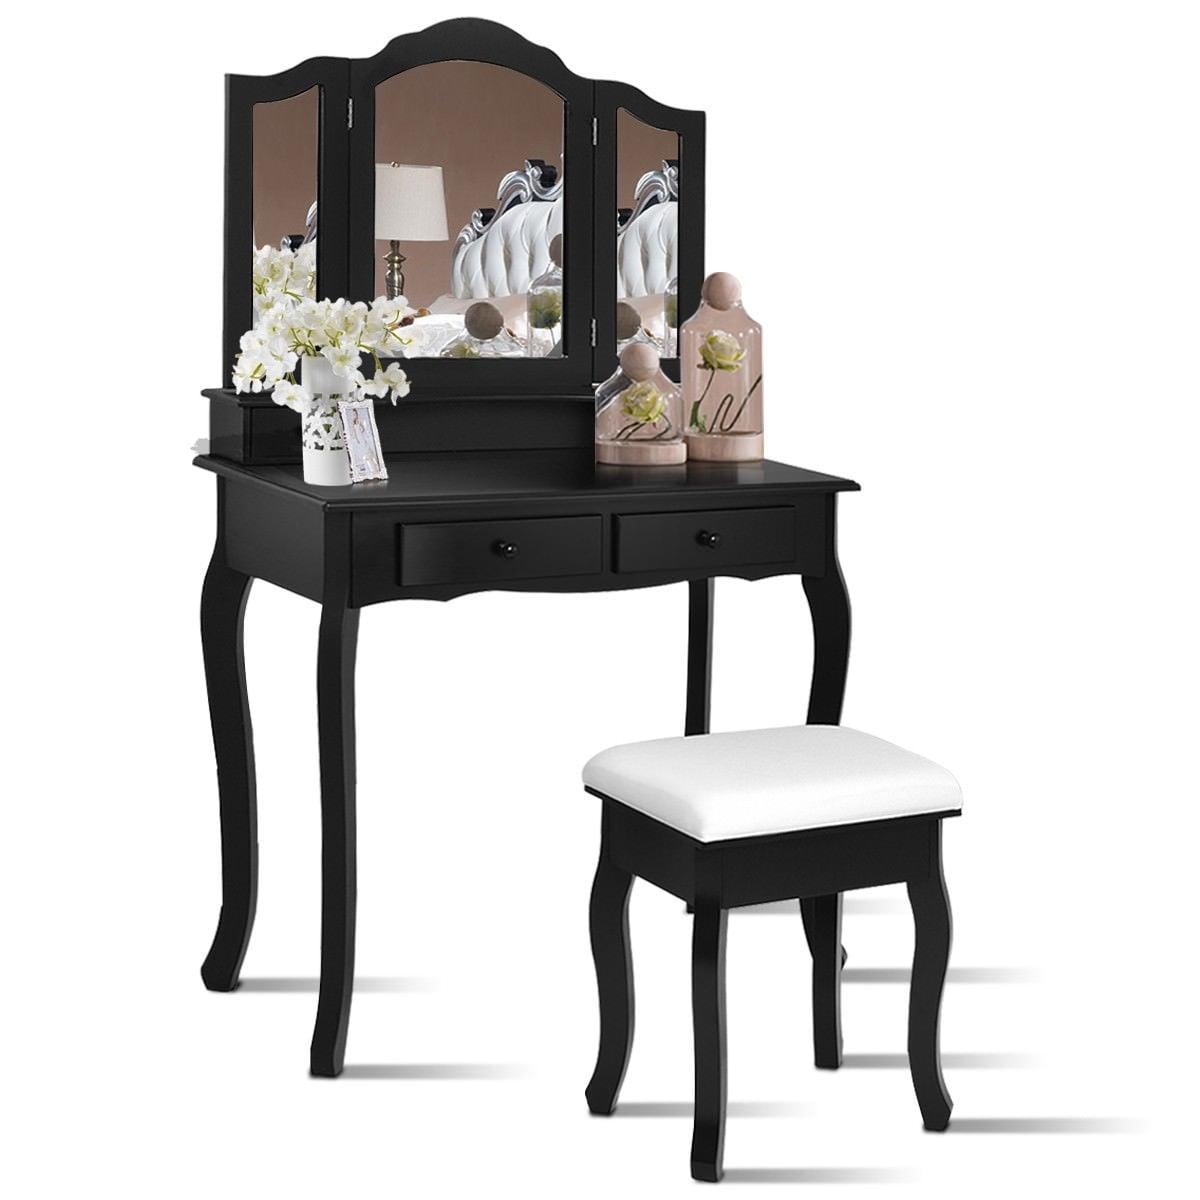 Shop Costway Vanity Makeup Dressing Table Set bathroom W/Stool 4 ...